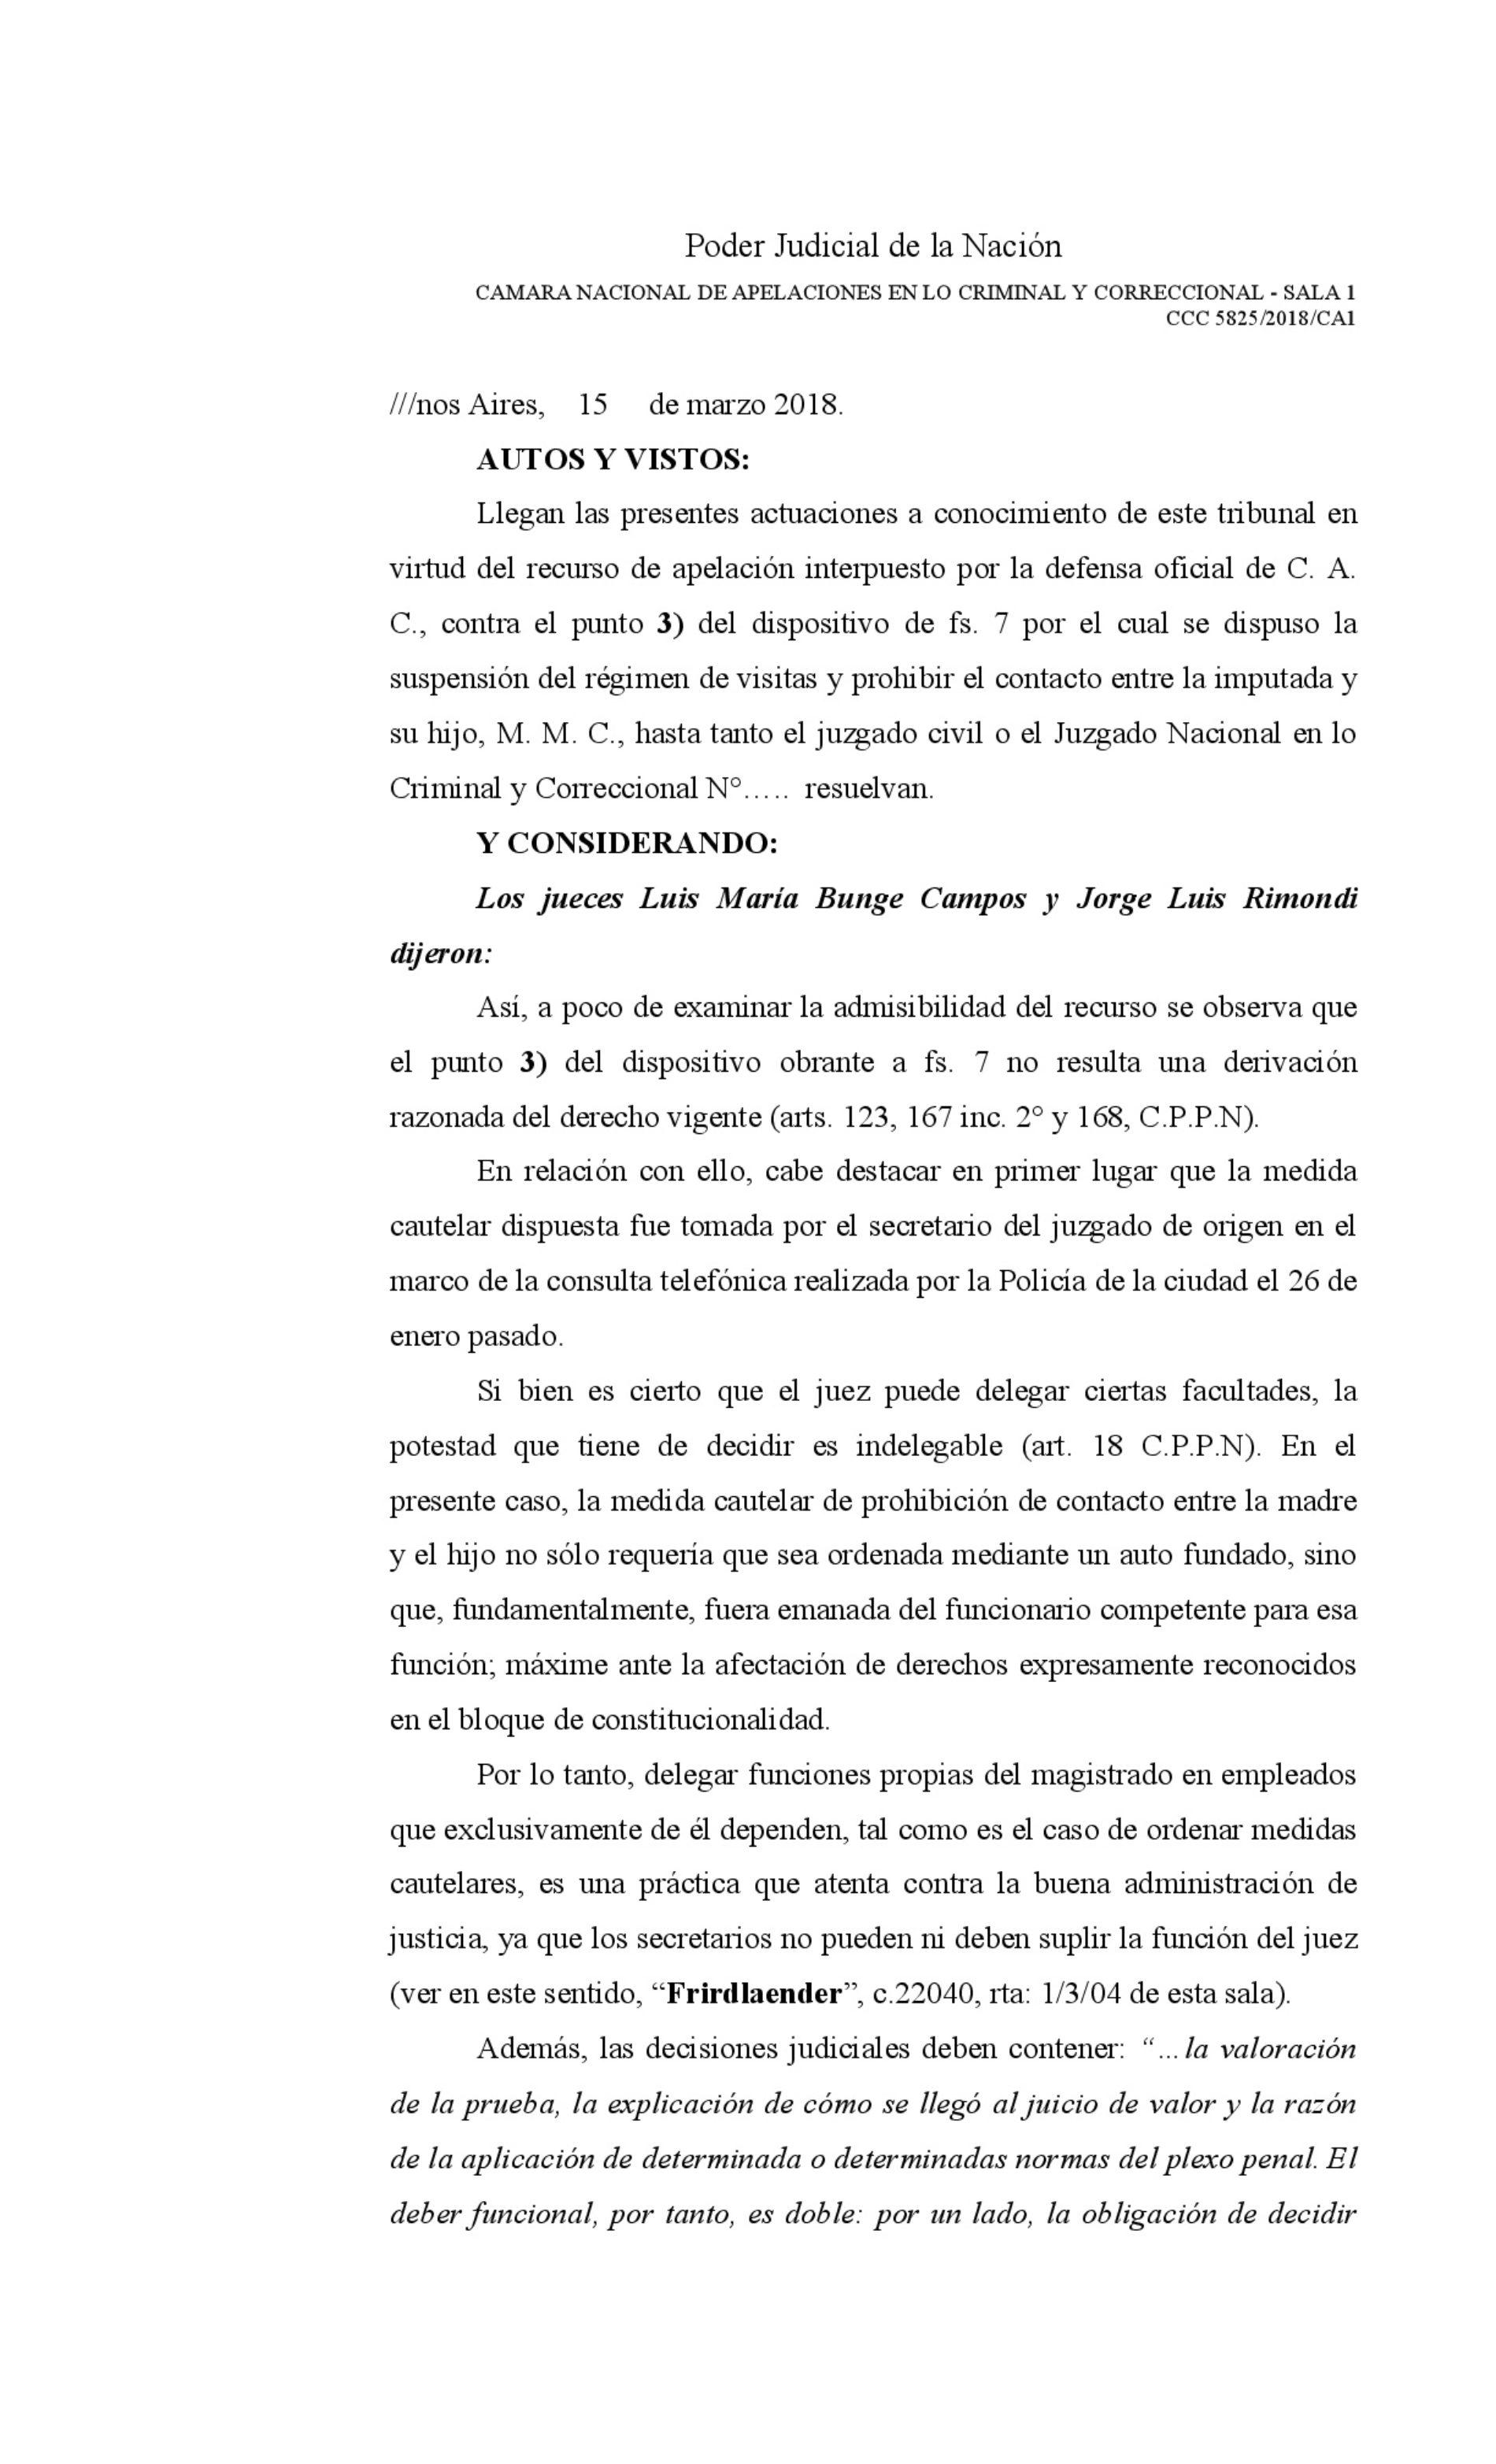 «Fallo de la Cámara Criminal de la Cap. Fed: s/Delegación de tareas al Secretario por parte del Juez».